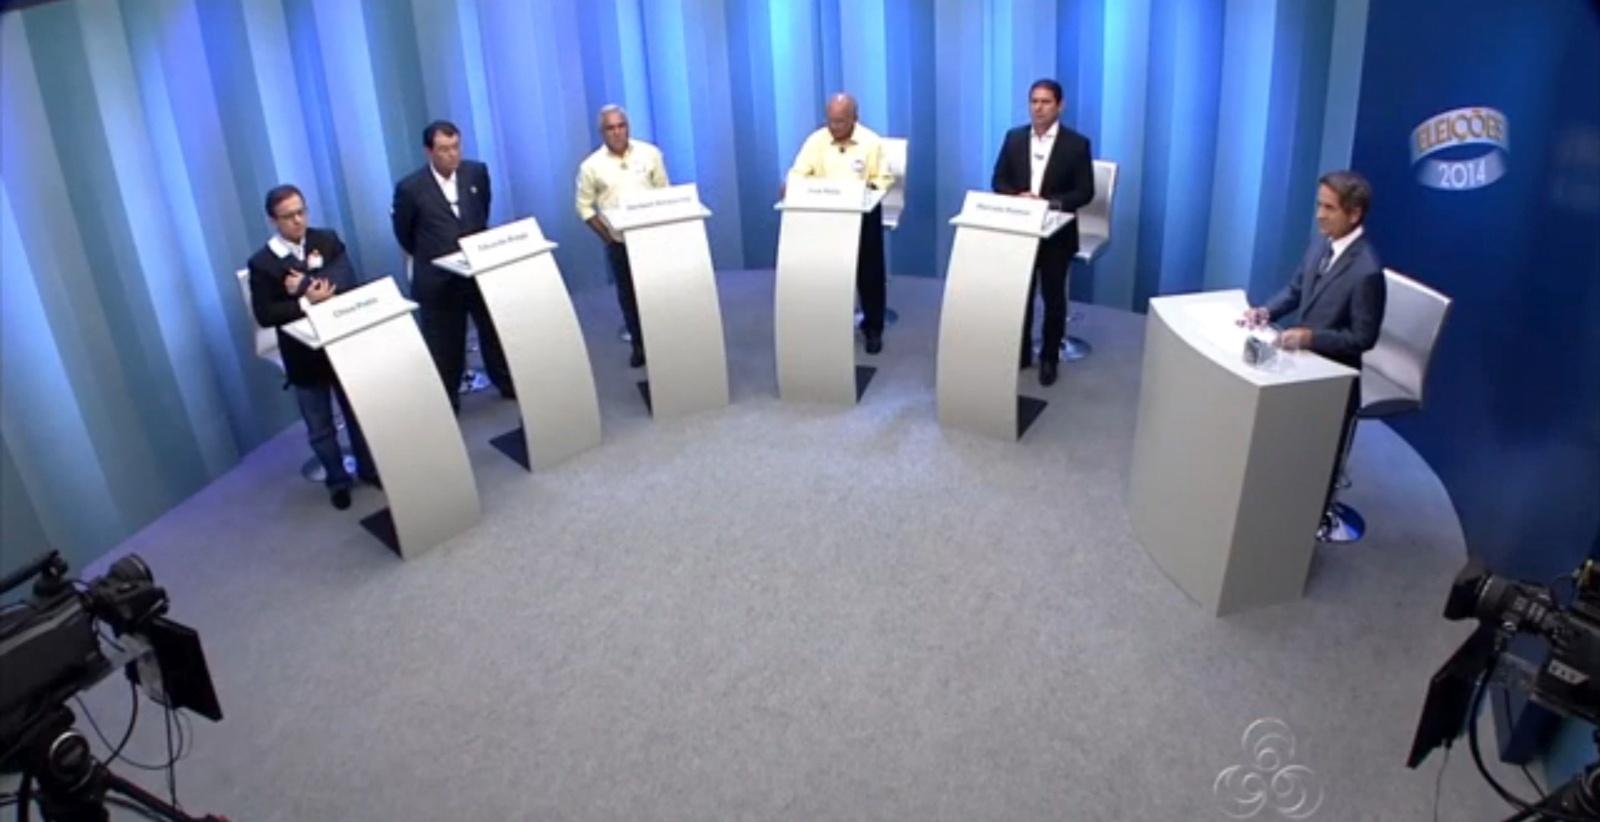 30.set.2014 - Da esquerda pra direita, os candidatos ao governo do Amazonas Chico Preto (PMN), Eduardo Braga (PMDB), Herbert Amazonas (PSTU), José Melo (PROS) e Marcelo Ramos (PSB) participaram de debate na TV Amazonas, afiliada da Rede Globo, nesta terça-feira (30)